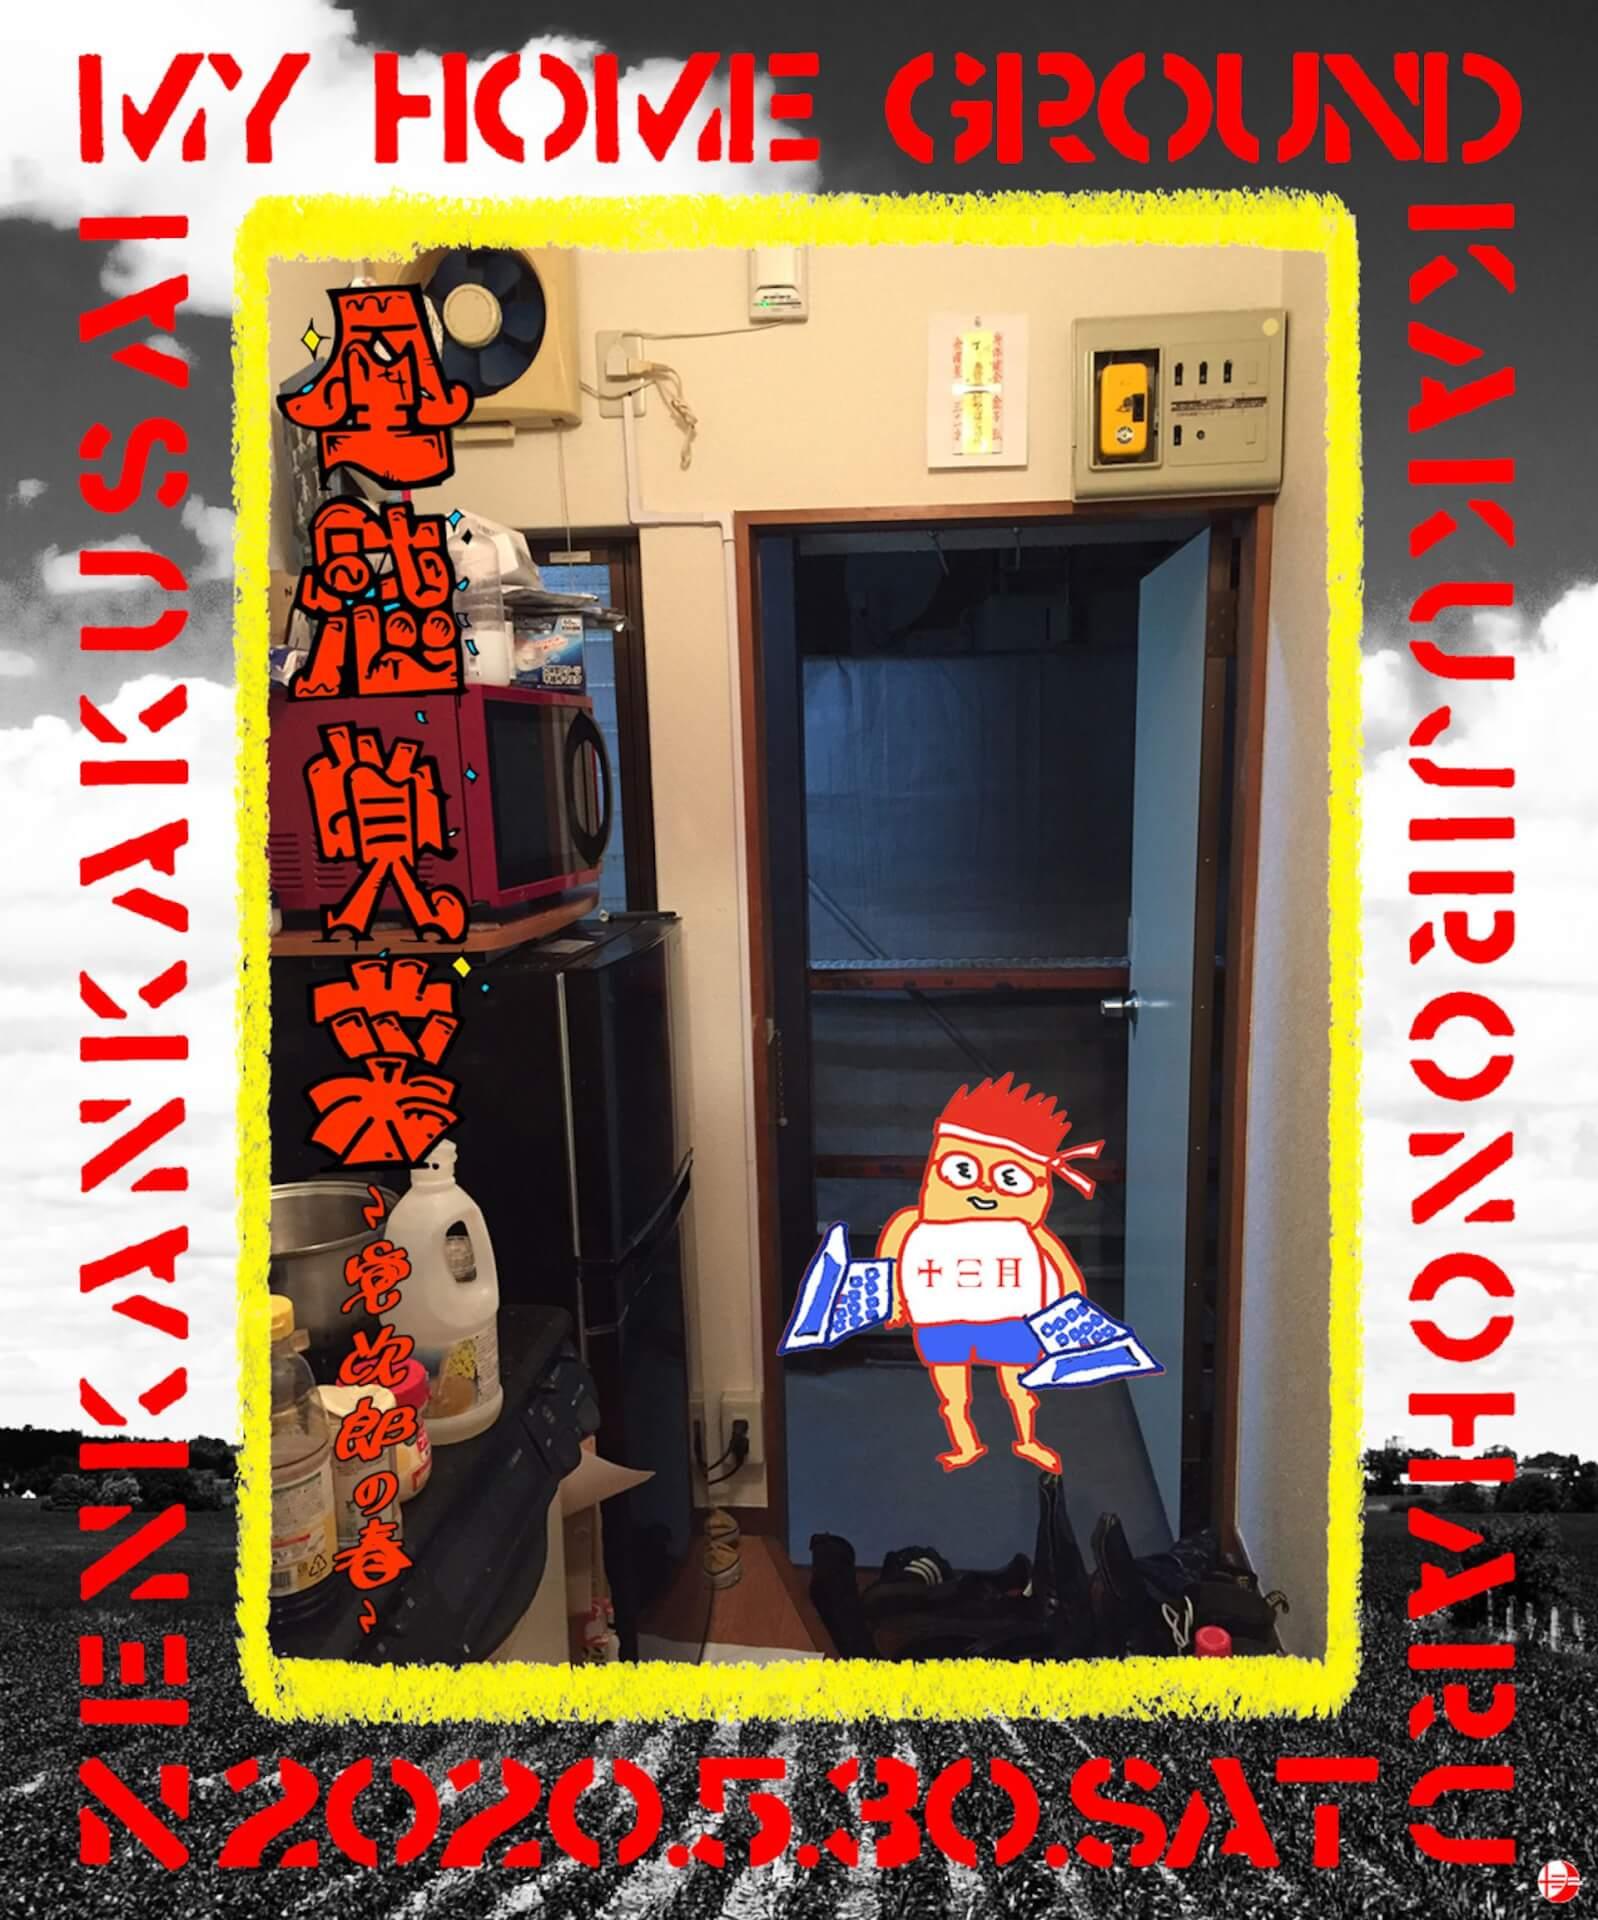 〈十三月〉が農園に挑戦する「全感覚菜」をスタート!石原ロスカルの30時間ドラムマラソンにGEZANも出演 ac200507_zenkankakusai_01